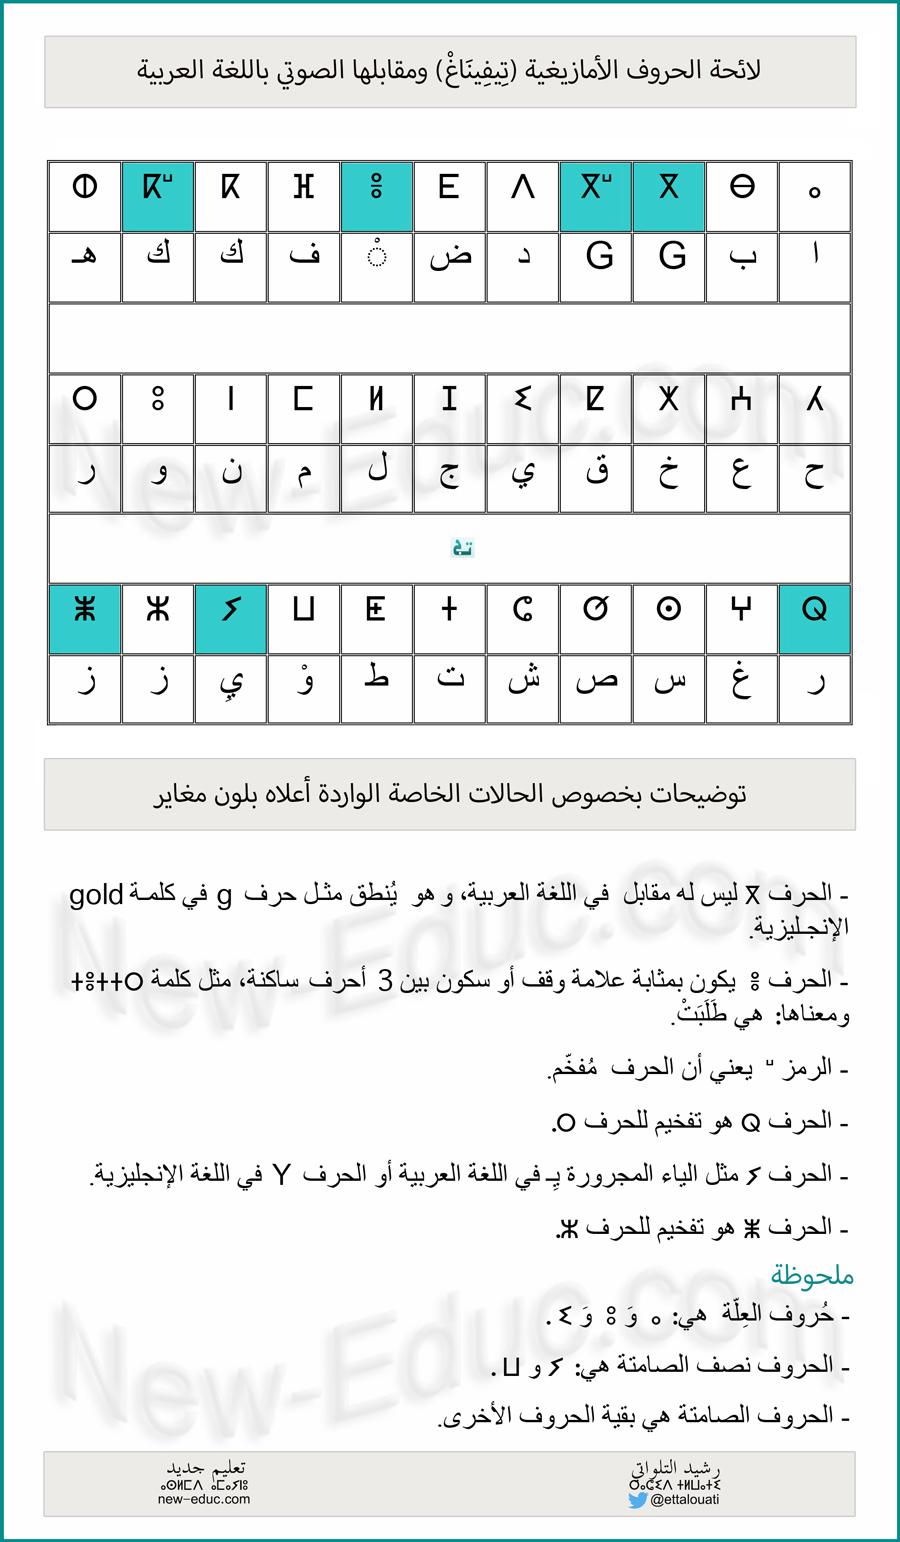 علم اللغة الأمازيغية